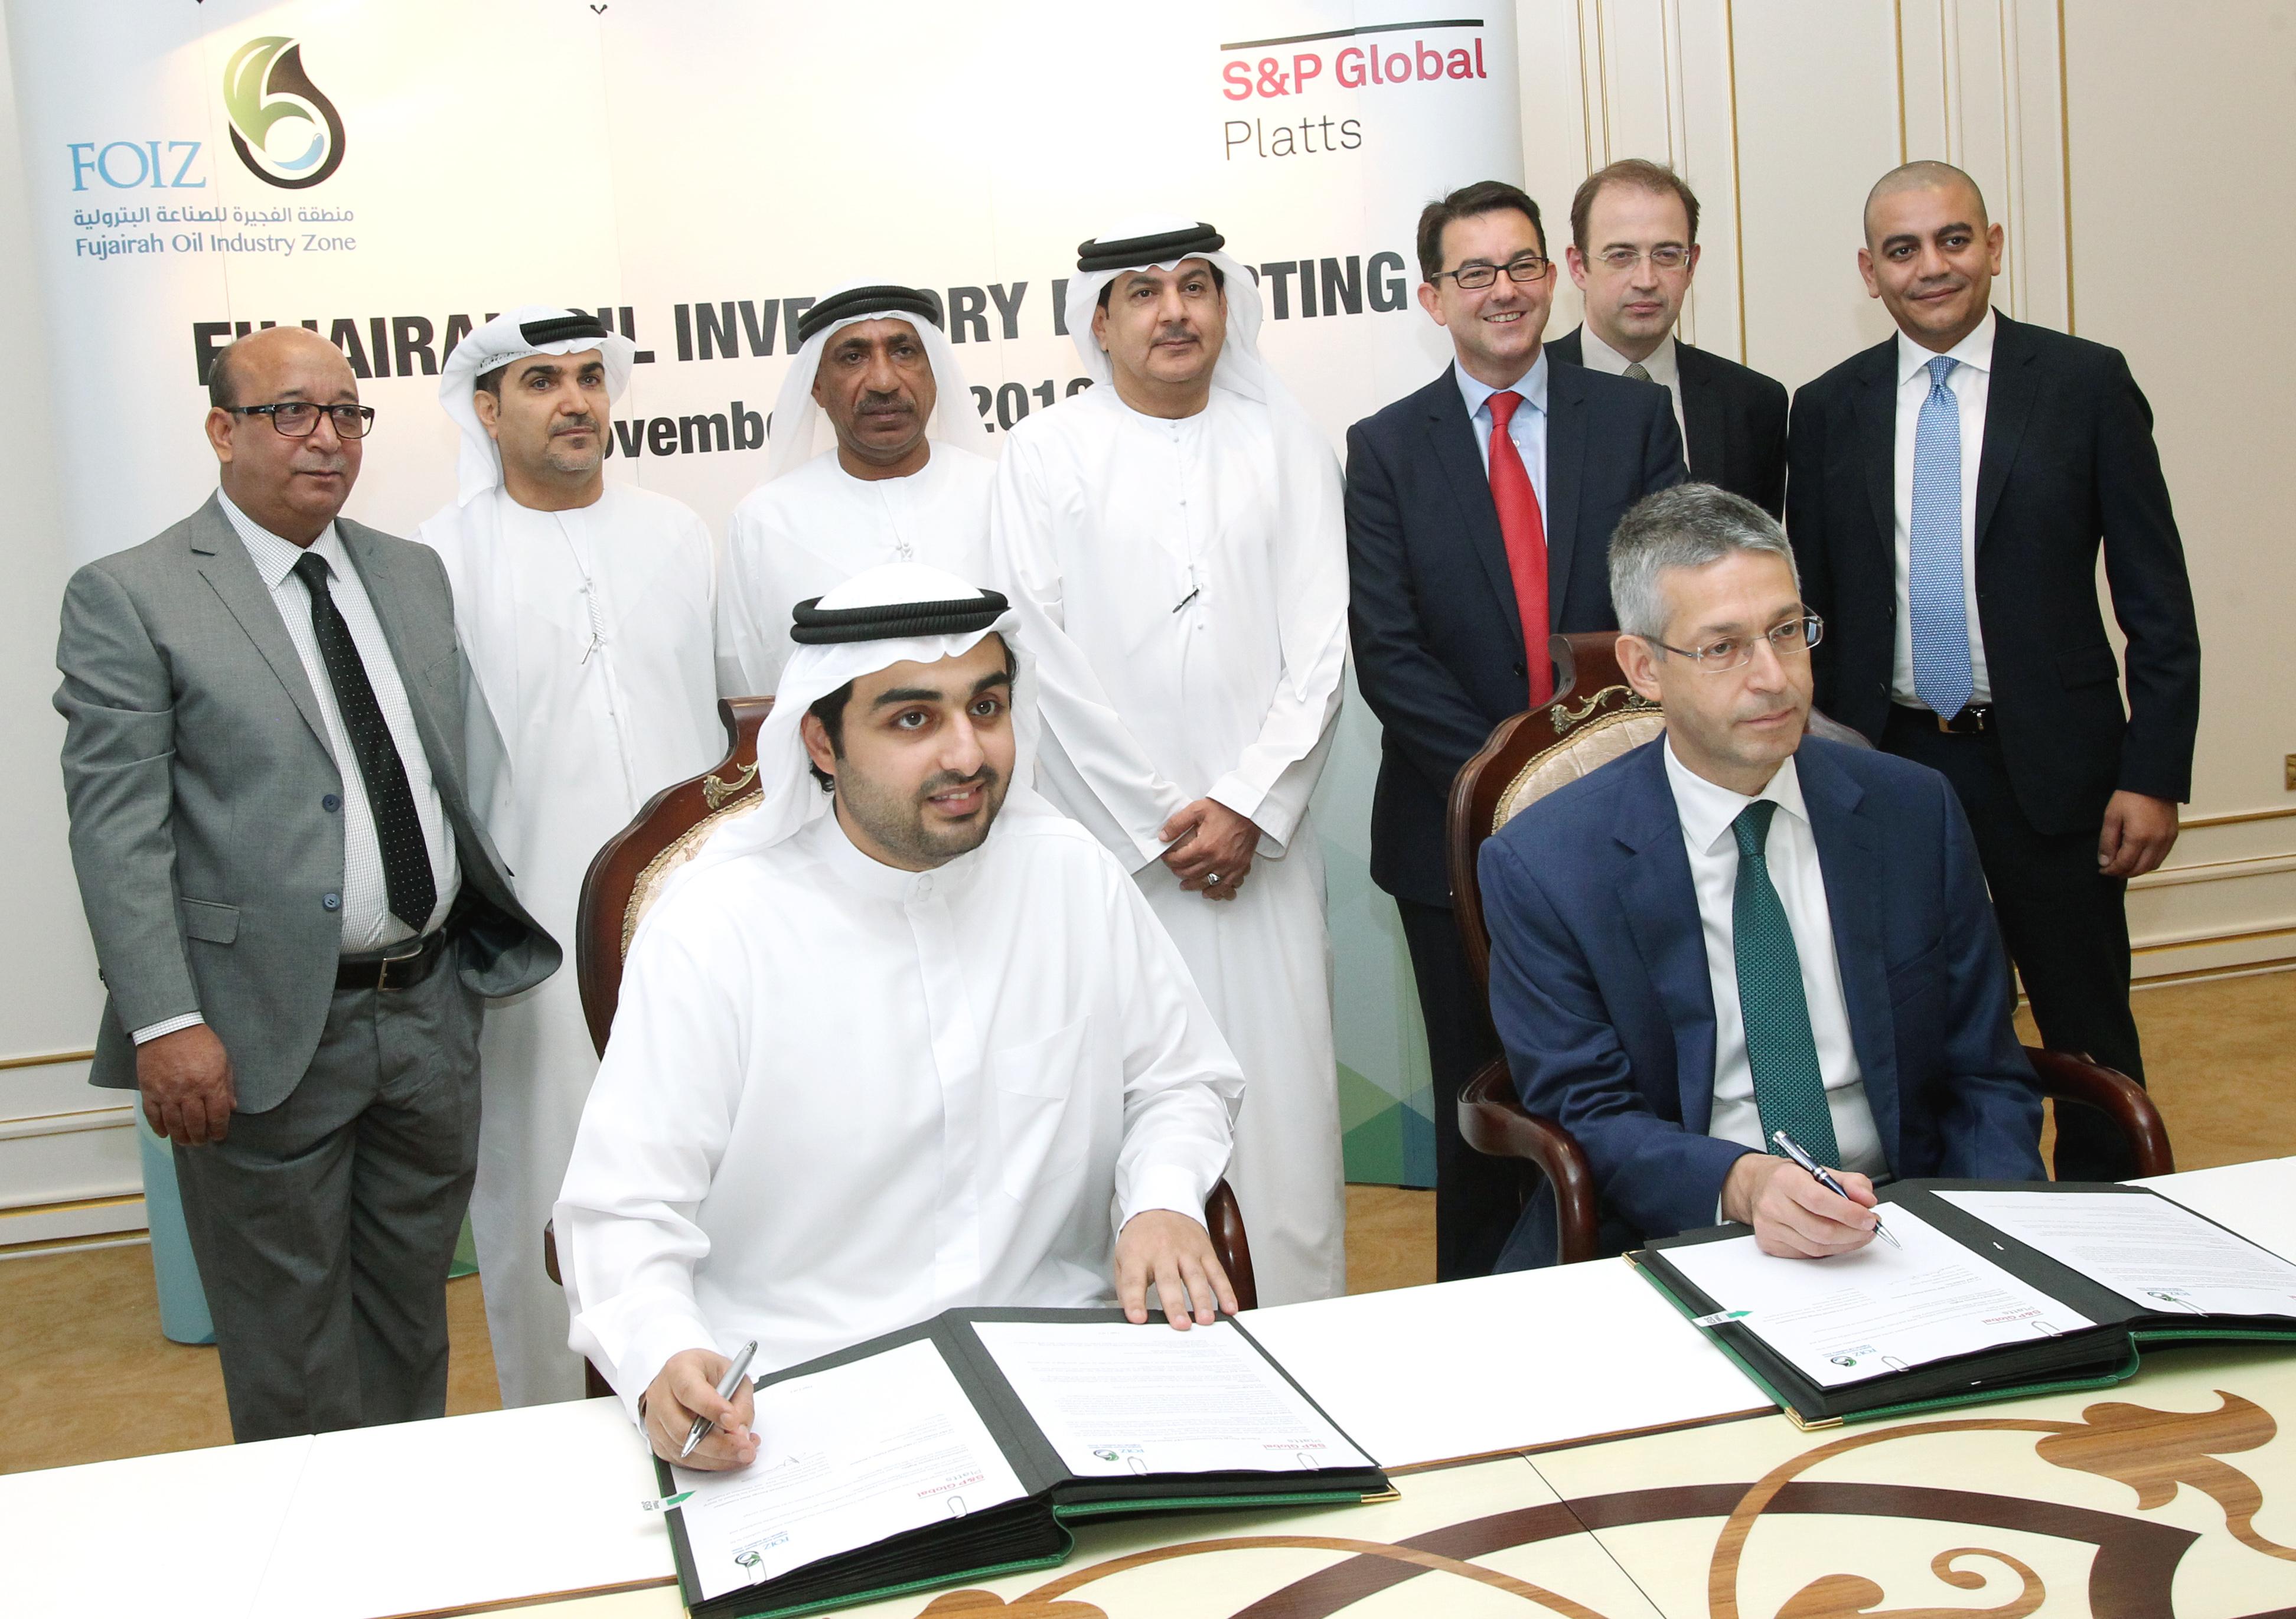 اتفاقية بين  منطقة الفجيرة للصناعات البترولية  و شركة جلوبال بلاتس لنشر بيانات المخزونات النفطية